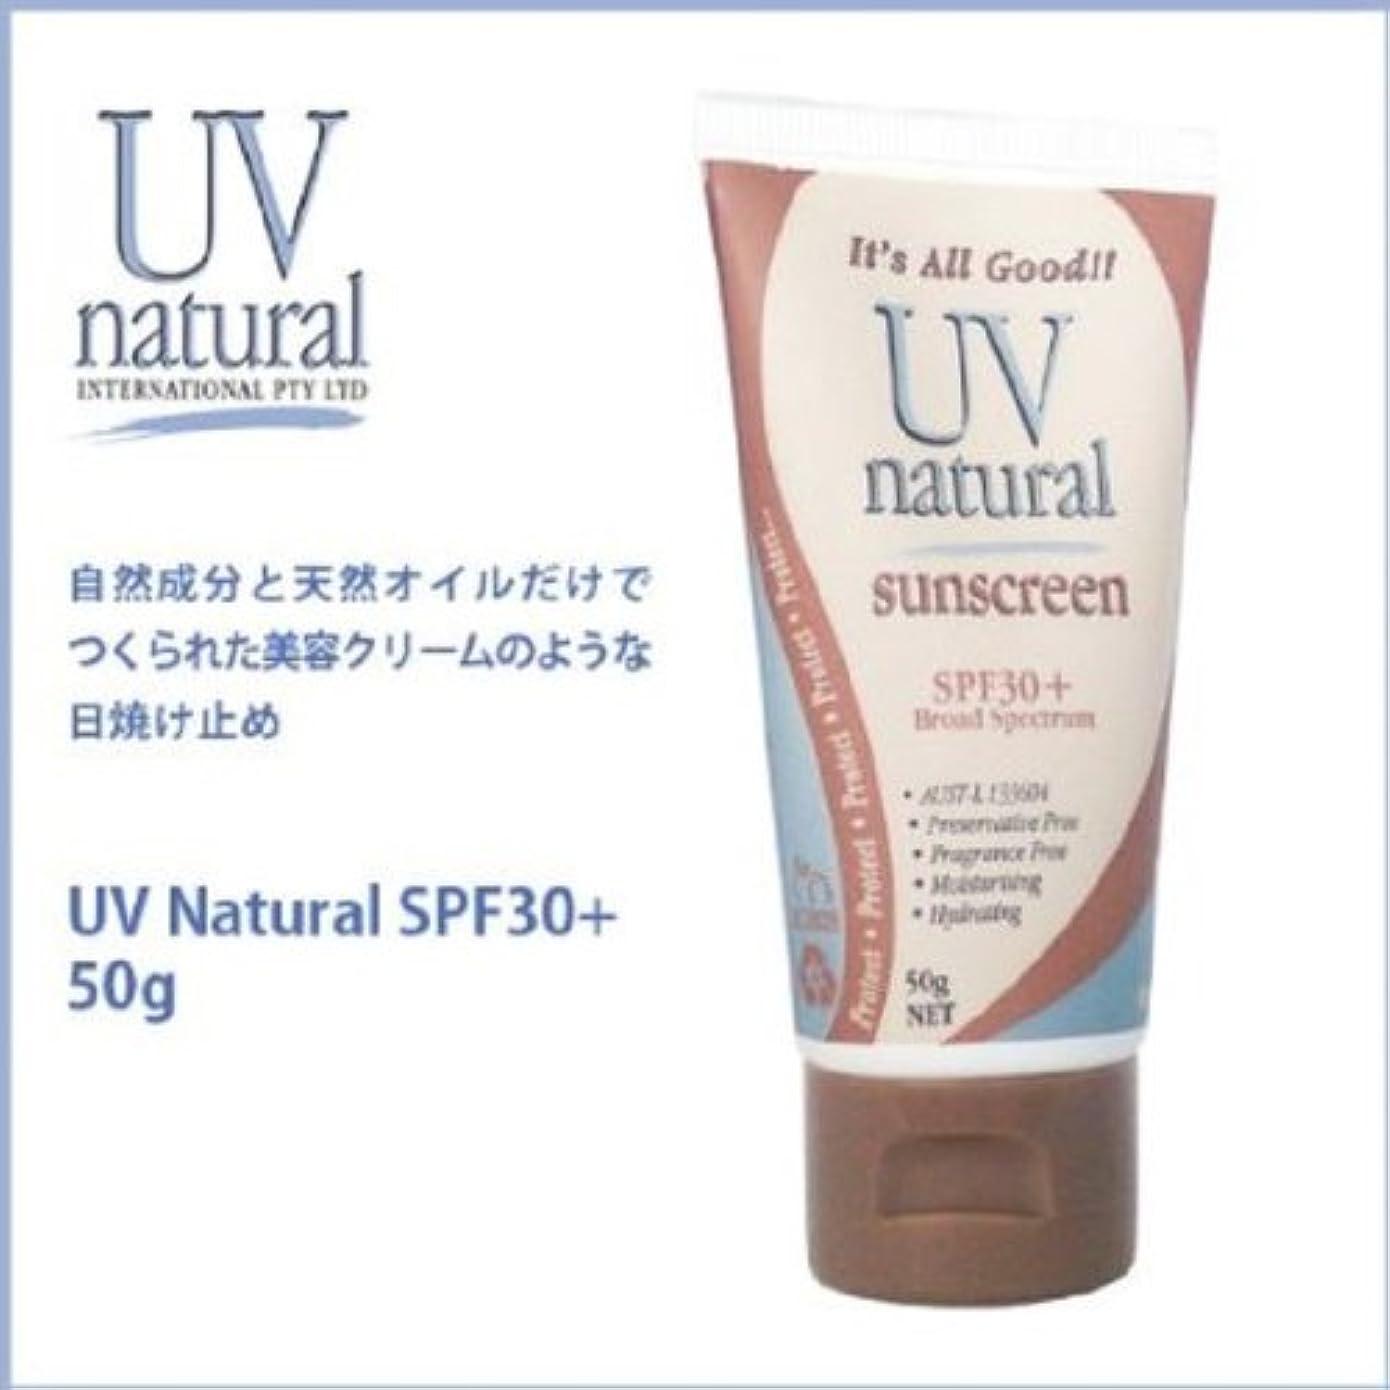 オリエンテーションオートメーション失速【UV NATURAL】日焼け止め Natural SPF30+ 50g 3本セット